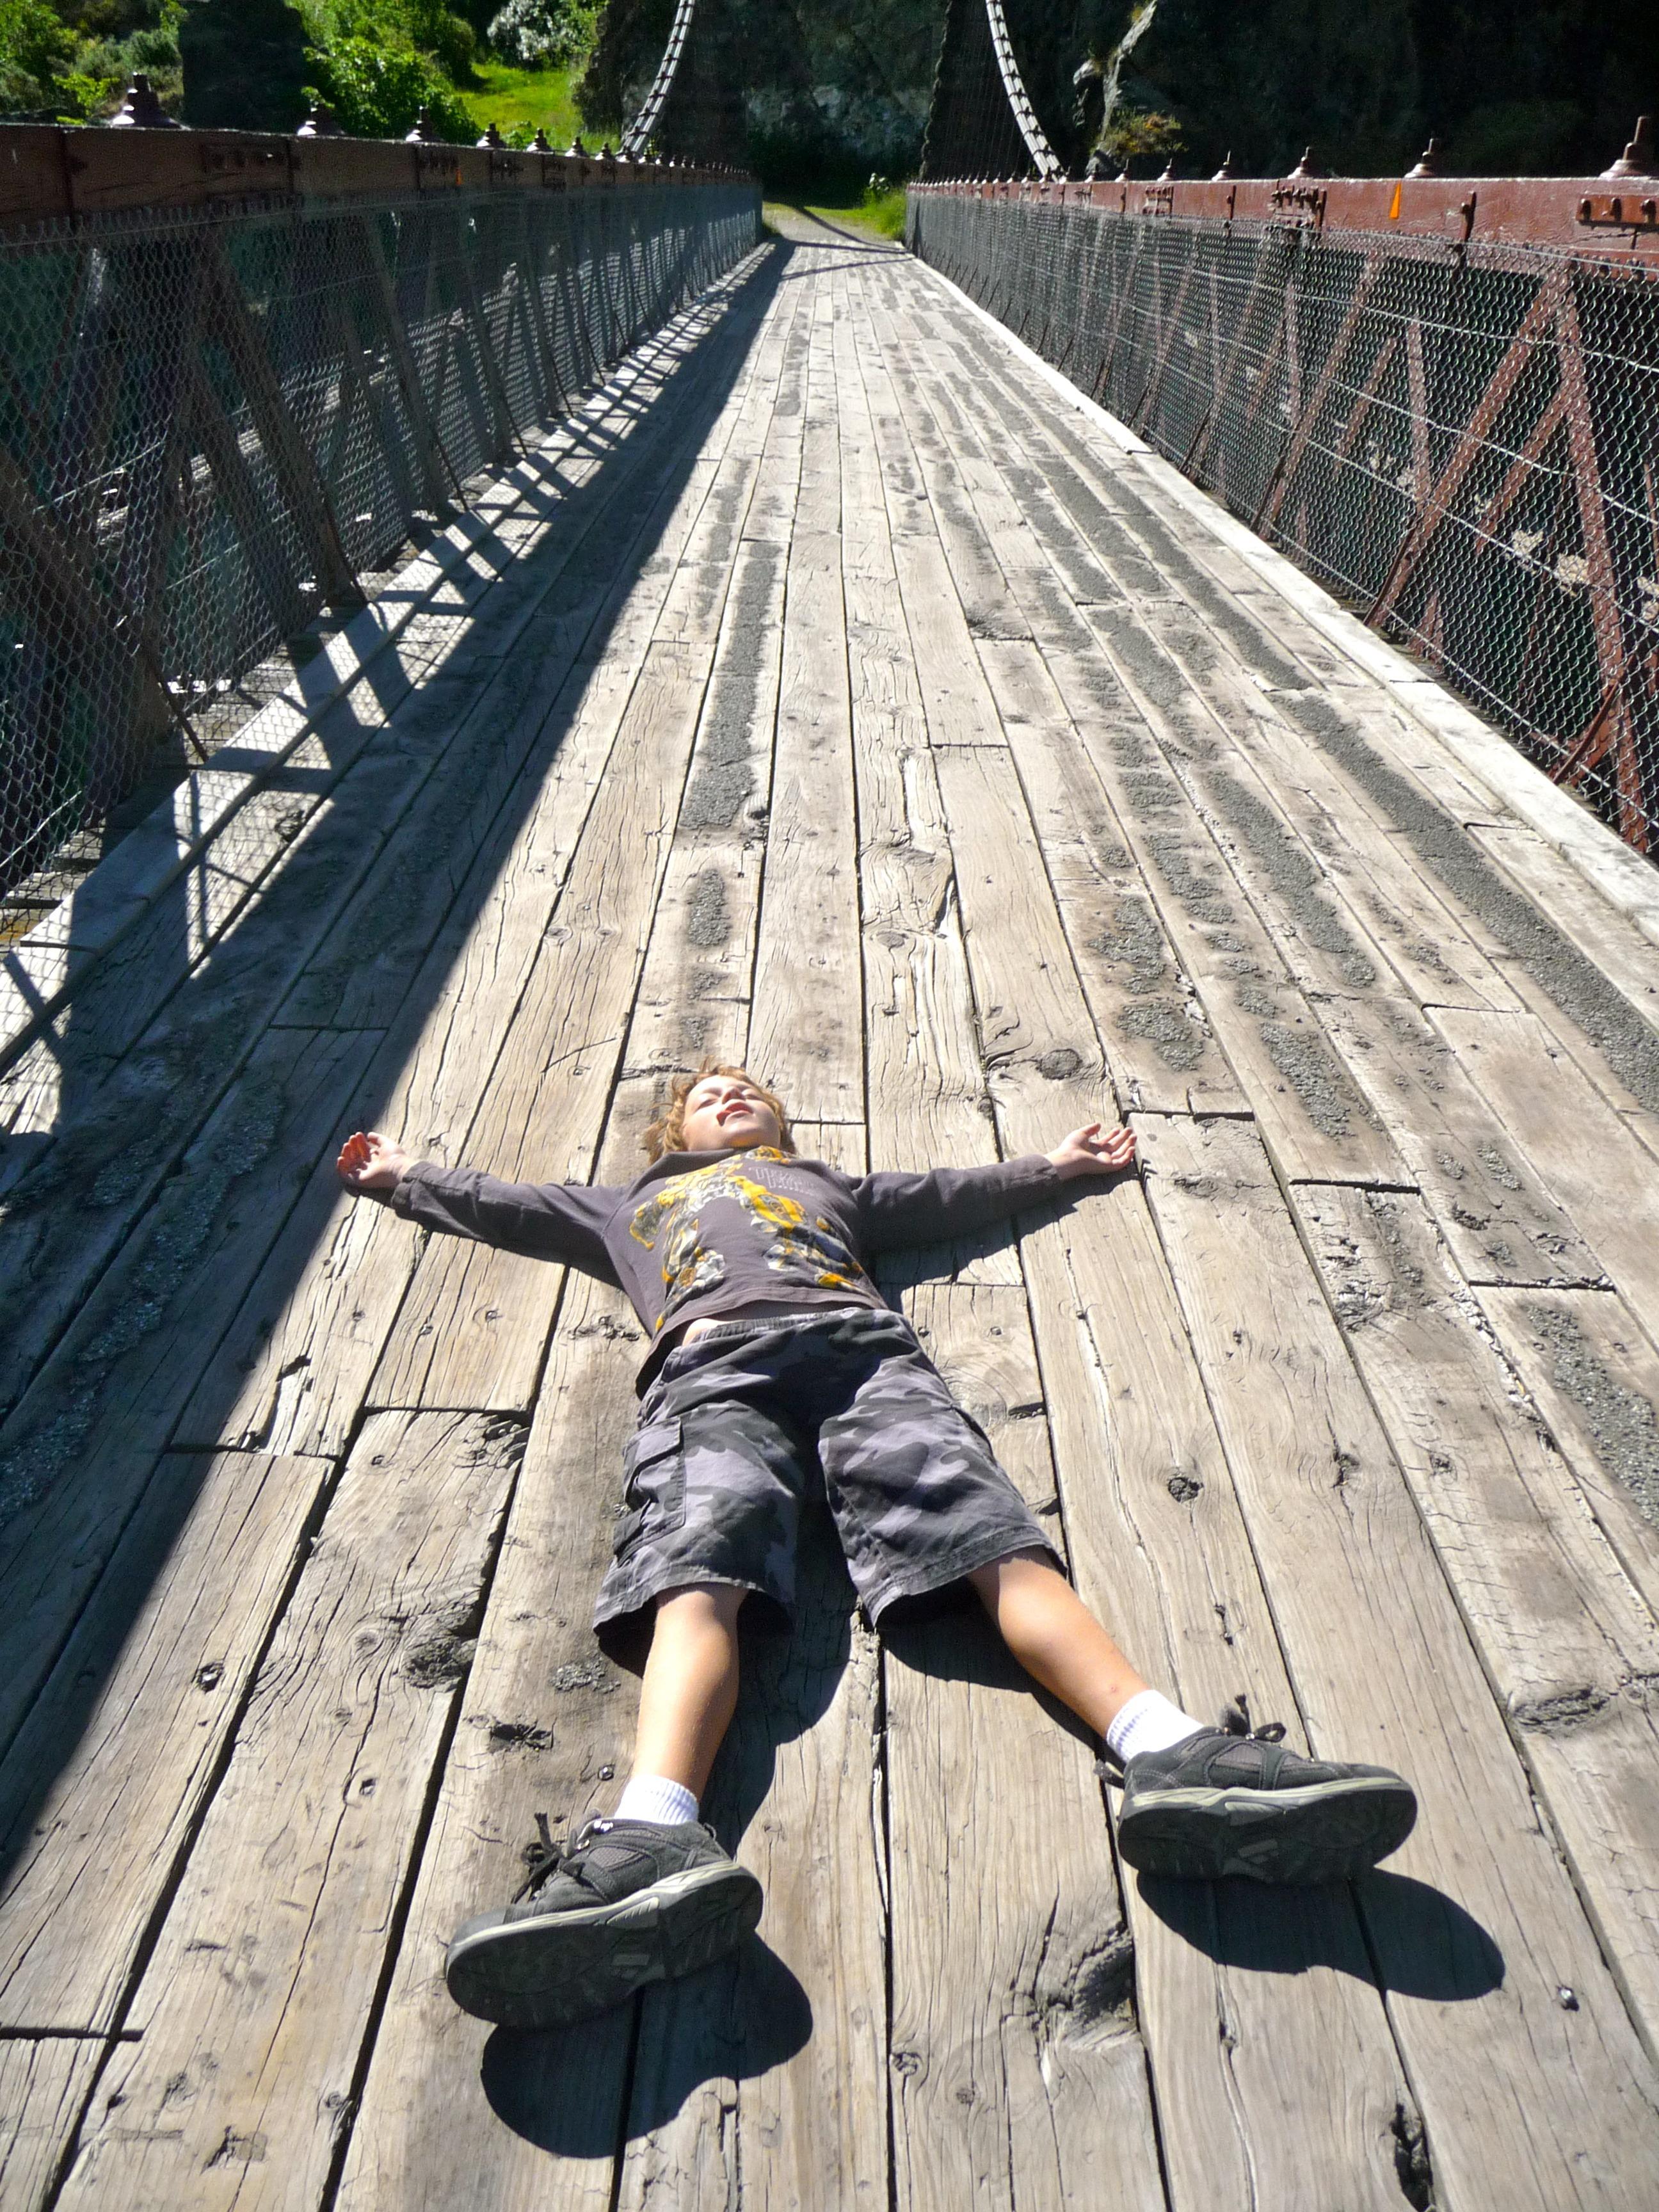 bois Piste pont garçon enfant toit rural en train de dormir enfant mort bébé drôle inquiétant